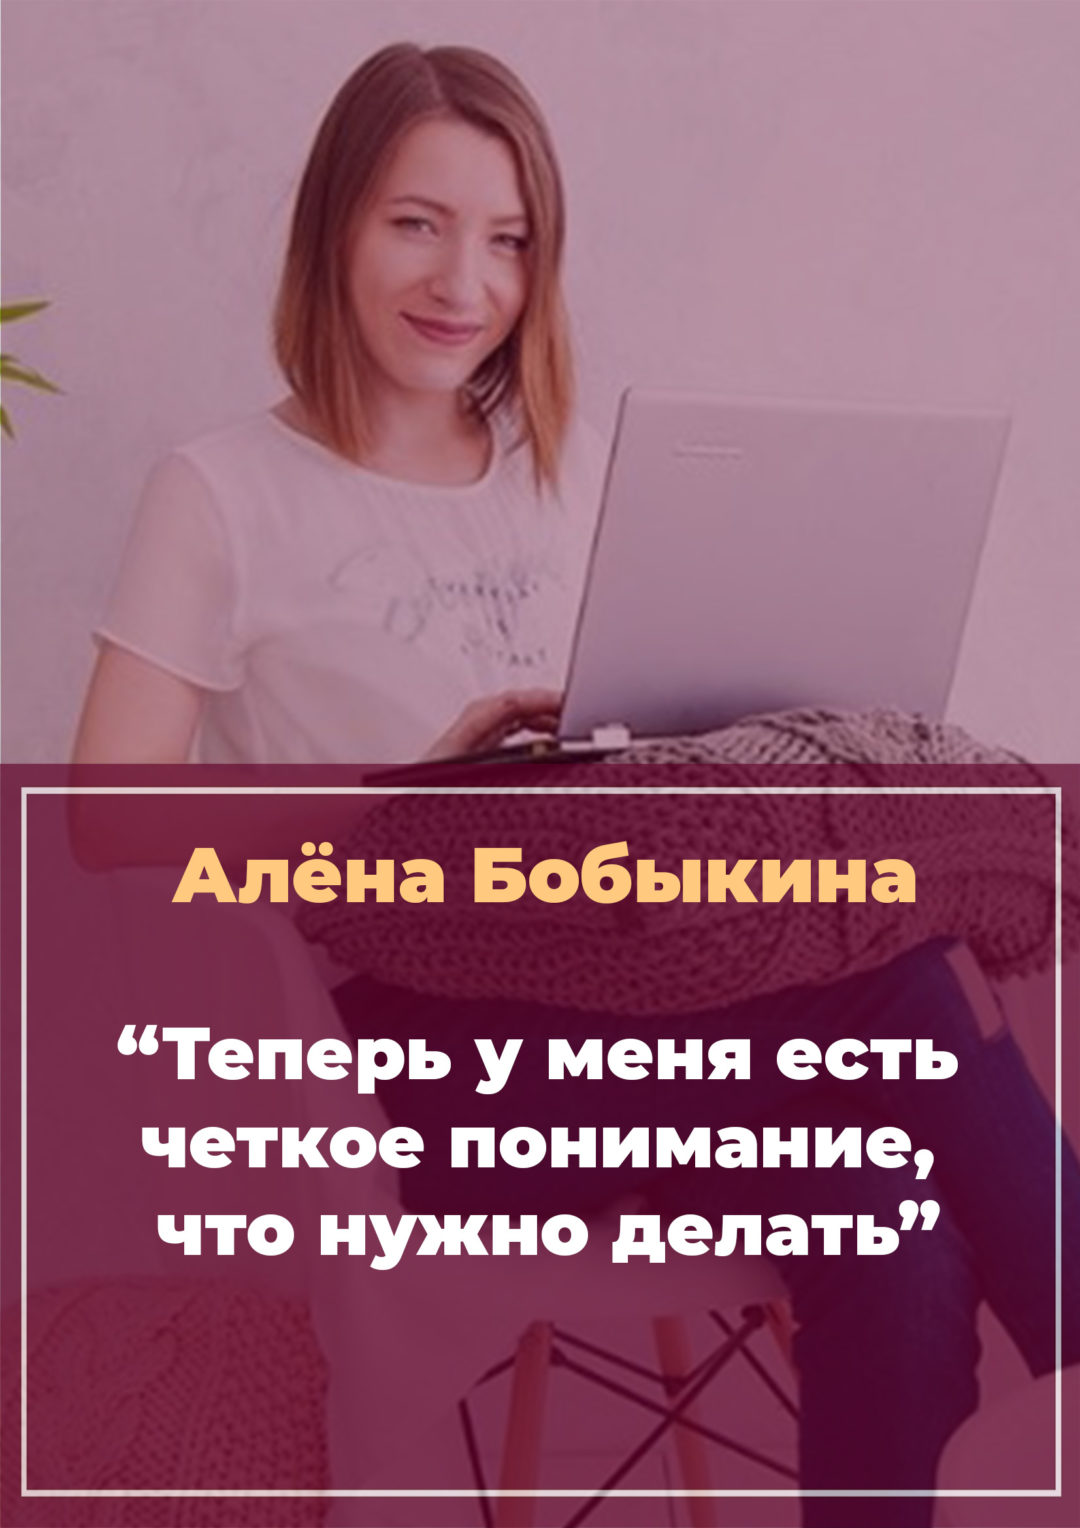 История Алёны Бобыкиной